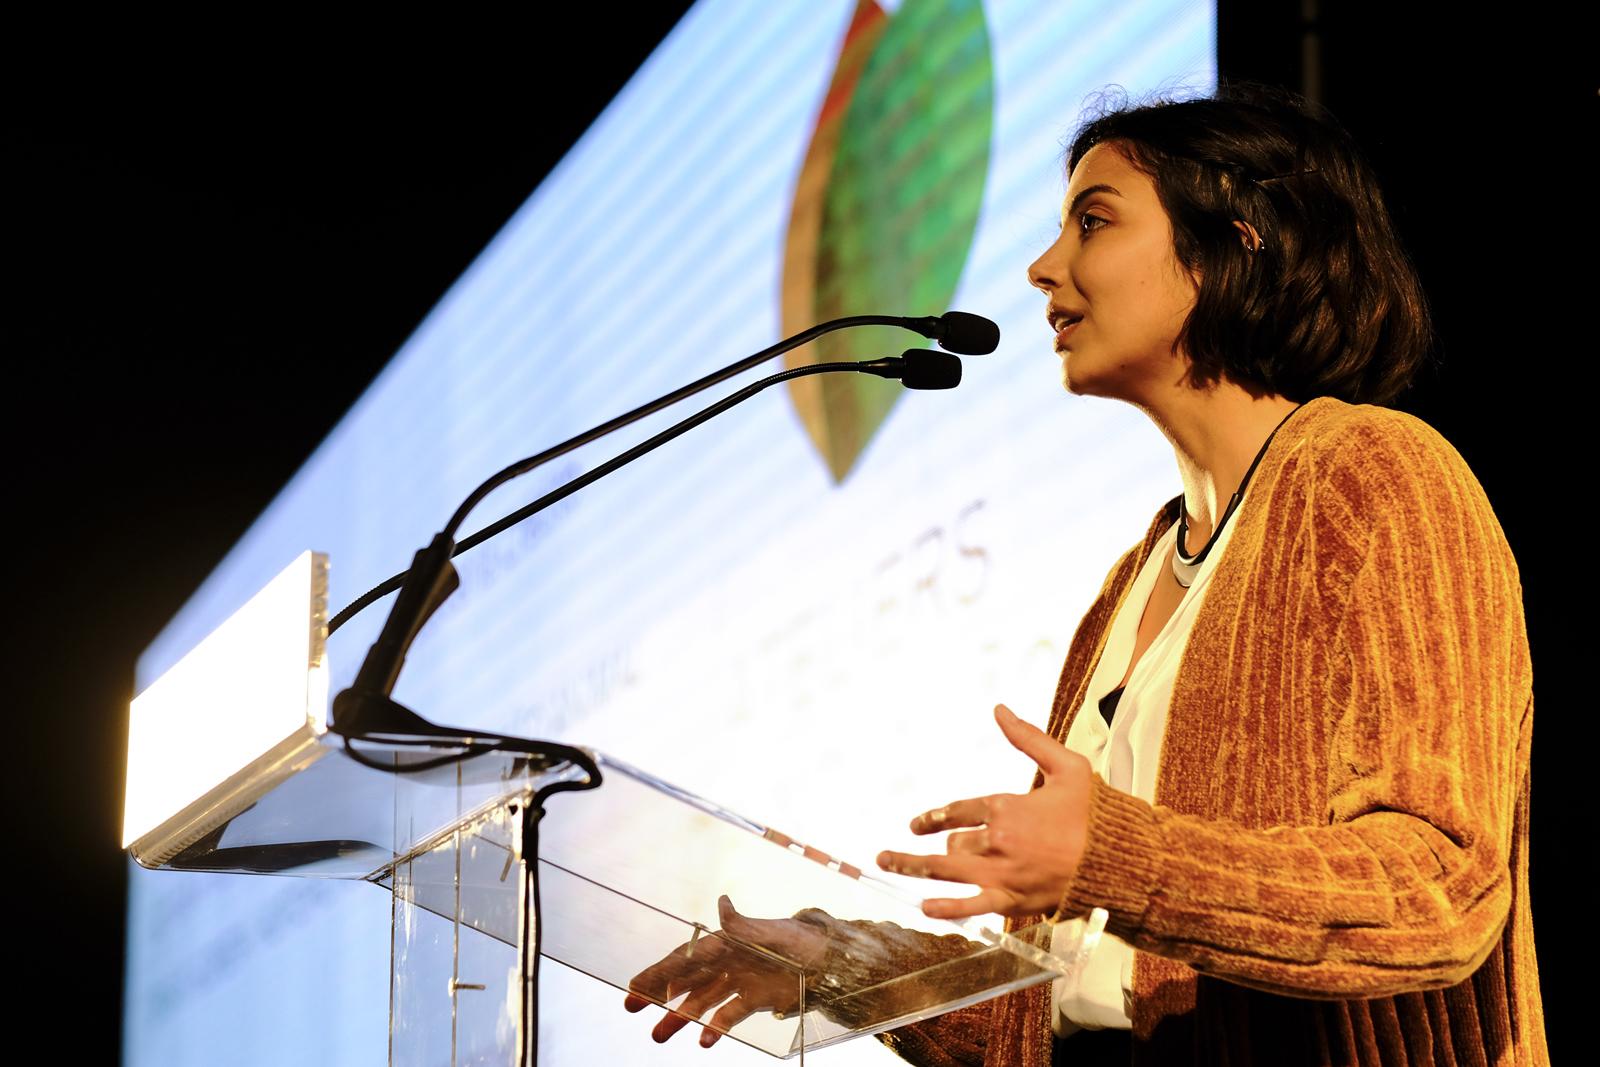 O Prémio Empreendedorismo e Inovação foi apresentado no Grande Auditório do PEB pela Maria Pedro Silva, coordenadora na INOVISA, parceira do Crédito Agrícola